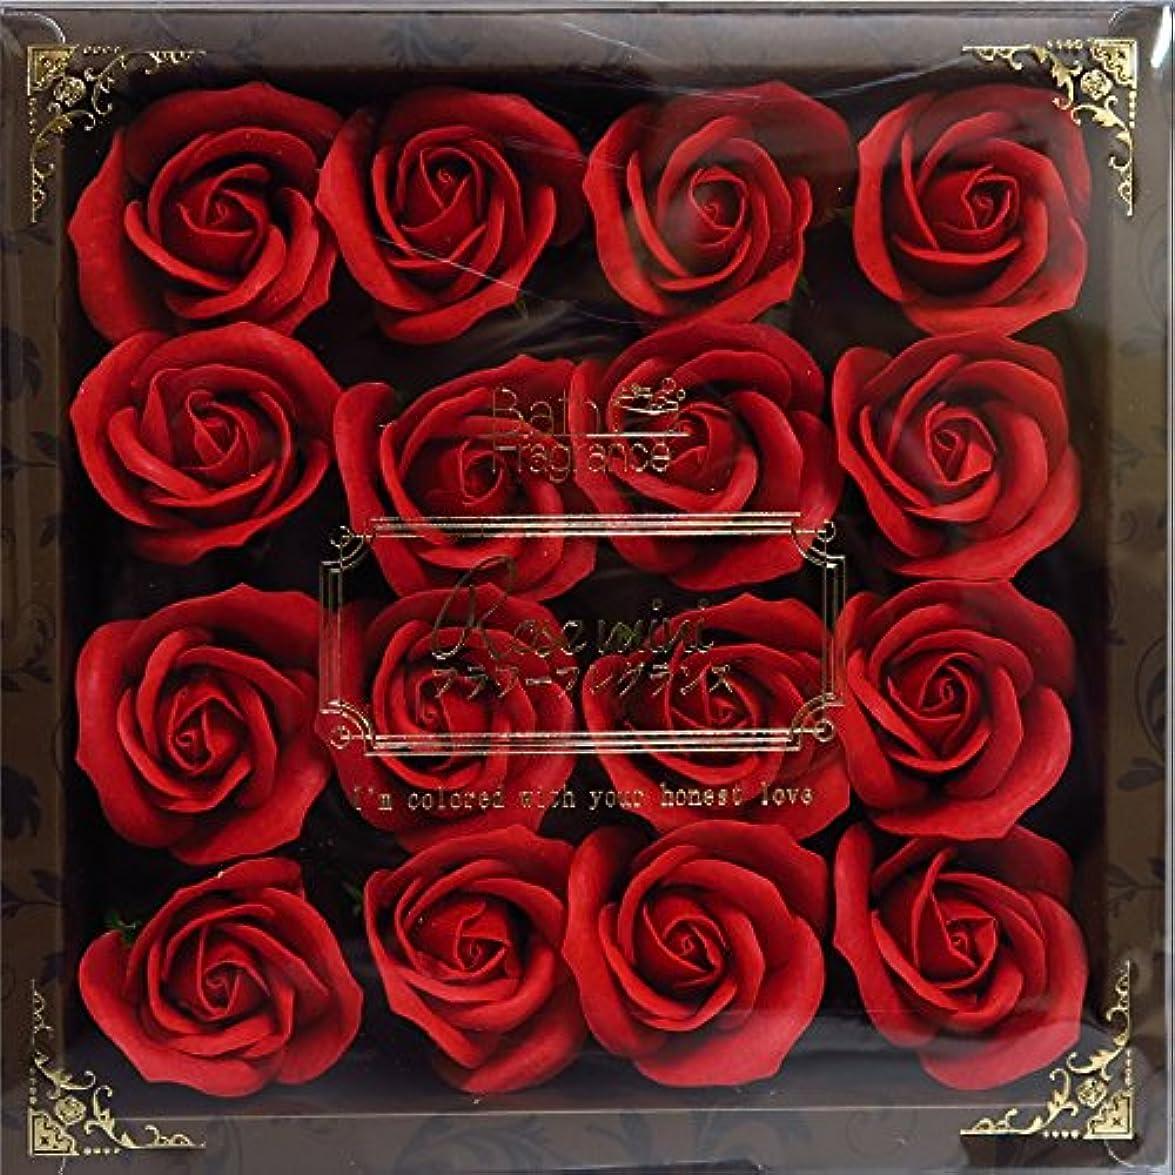 汚物混乱悪意のあるバスフレグランス バスフラワー ミニローズフレグランス(M)レッド ギフト お花の形の入浴剤 プレゼント ばら